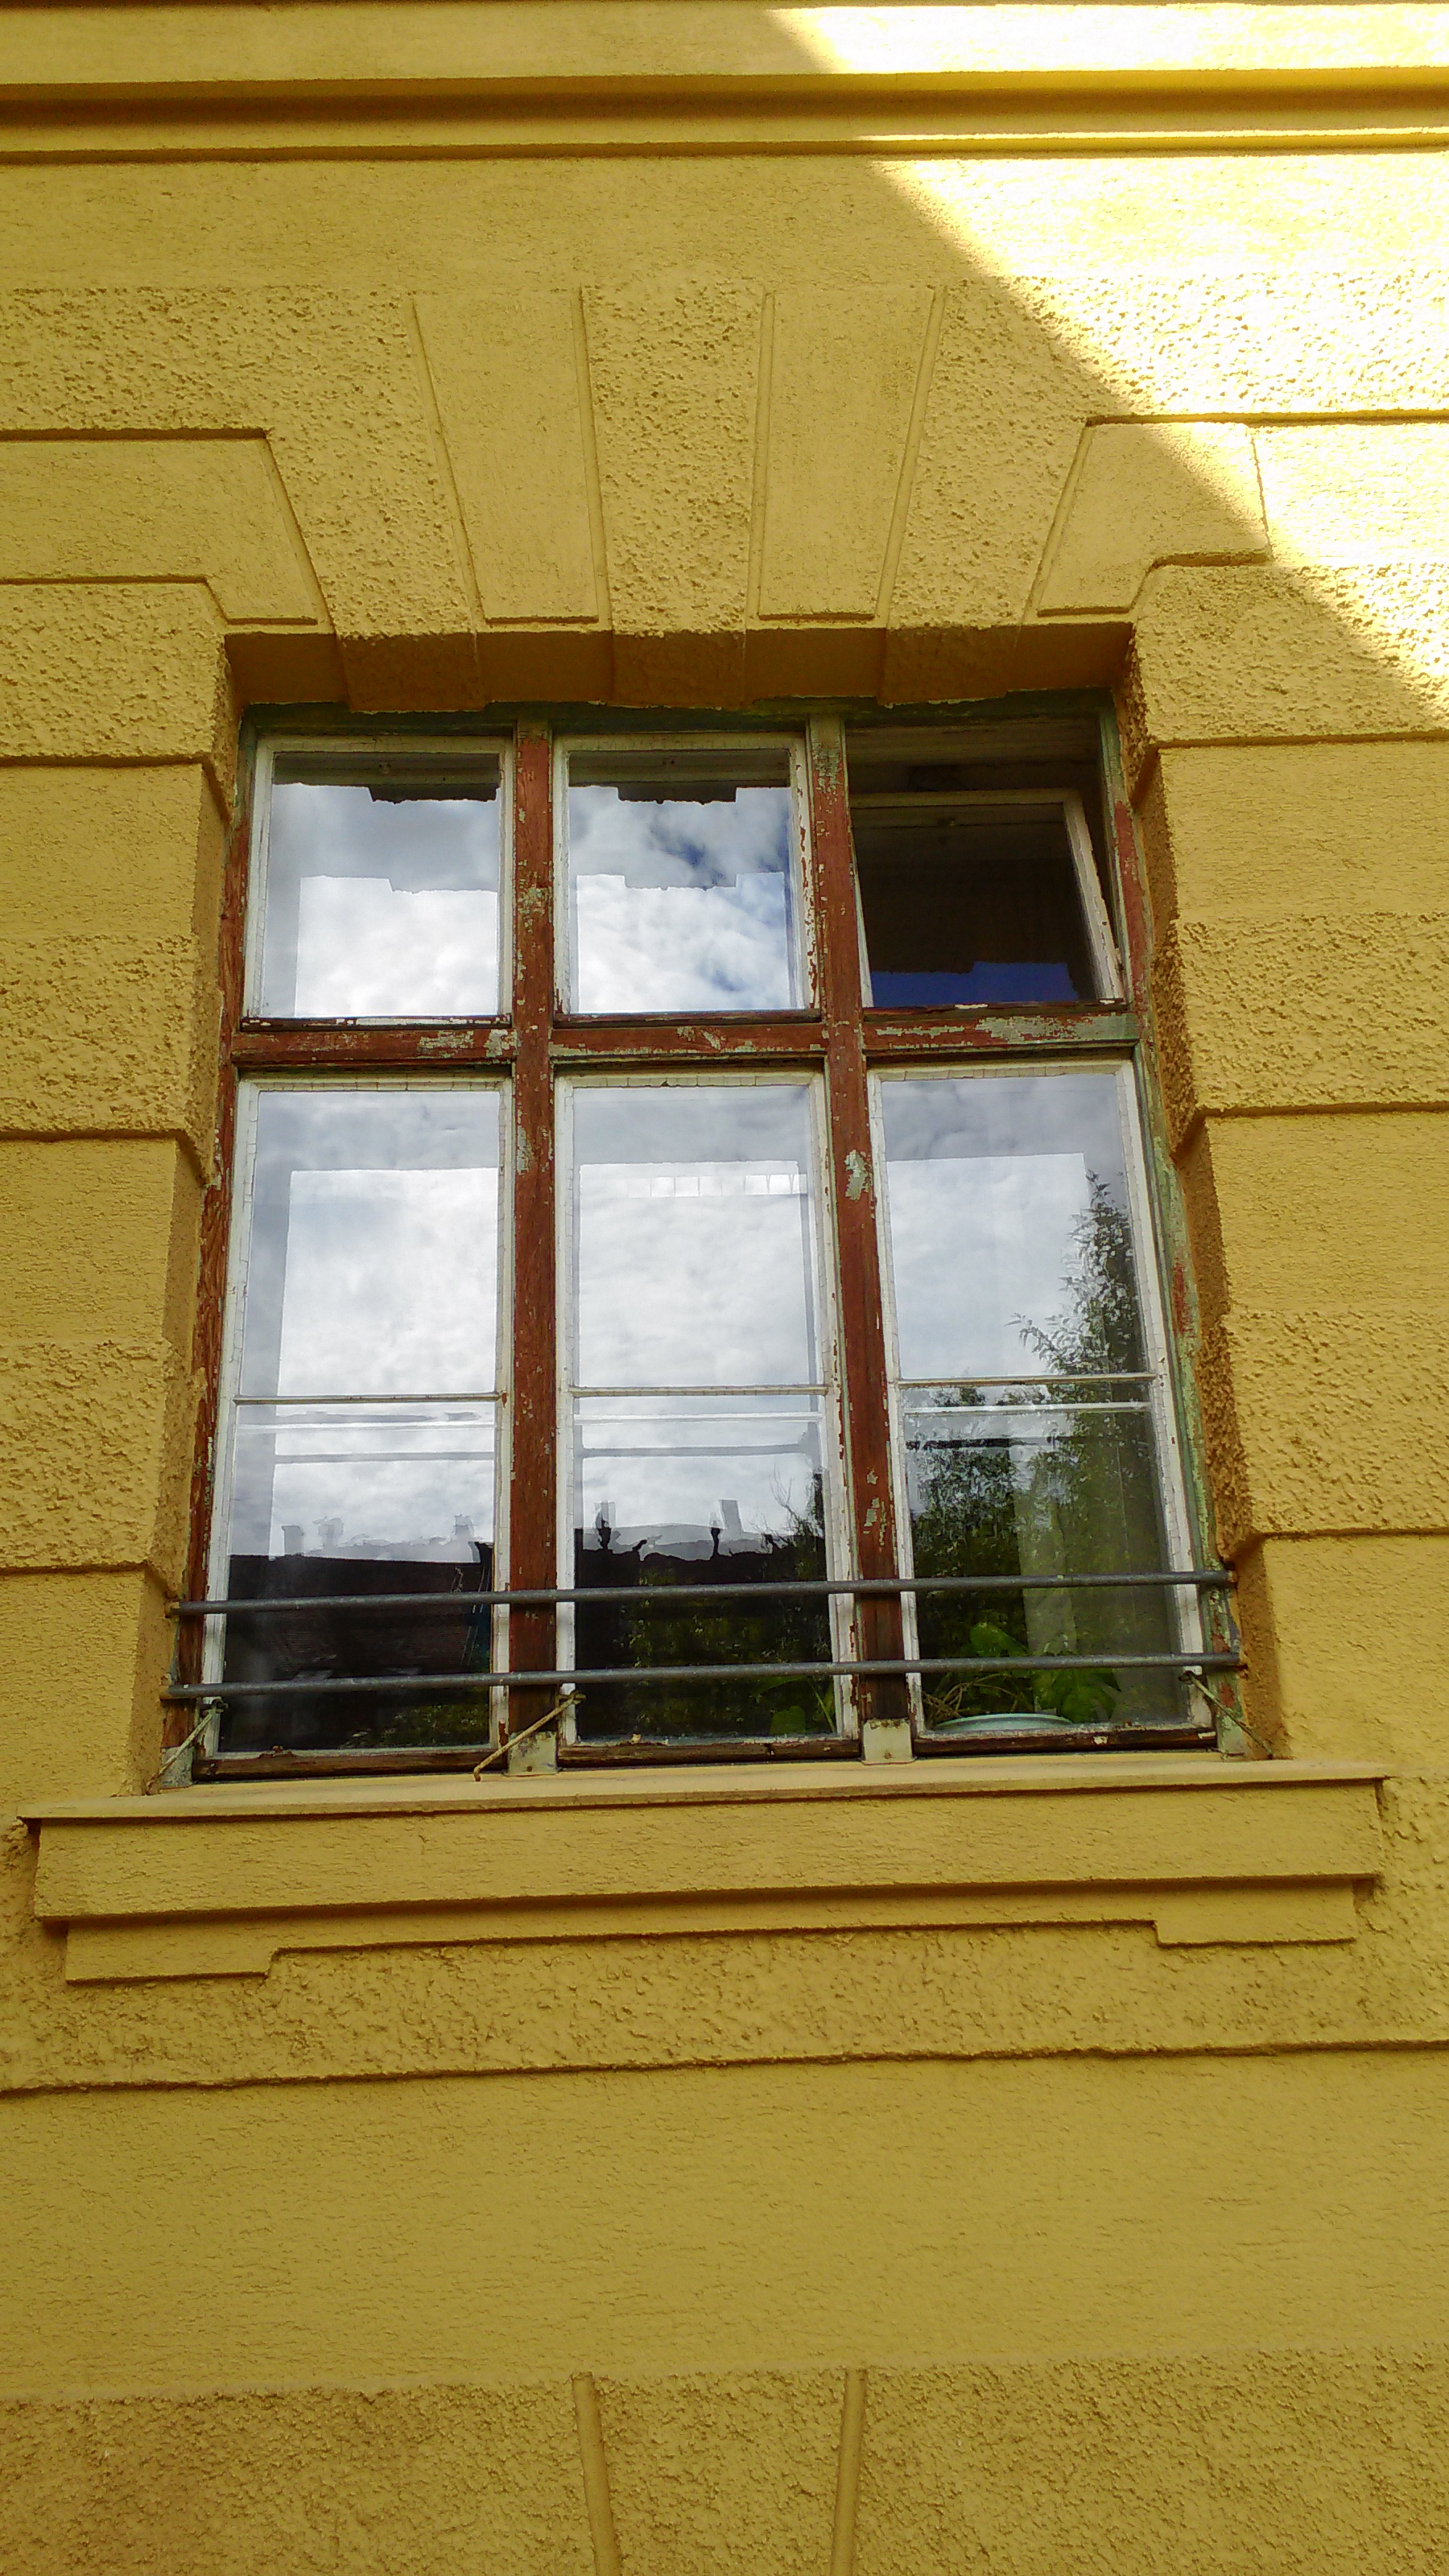 Fenster außenansicht  File:München — Armenversorgungshaus St. Martin — Werinherstr ...